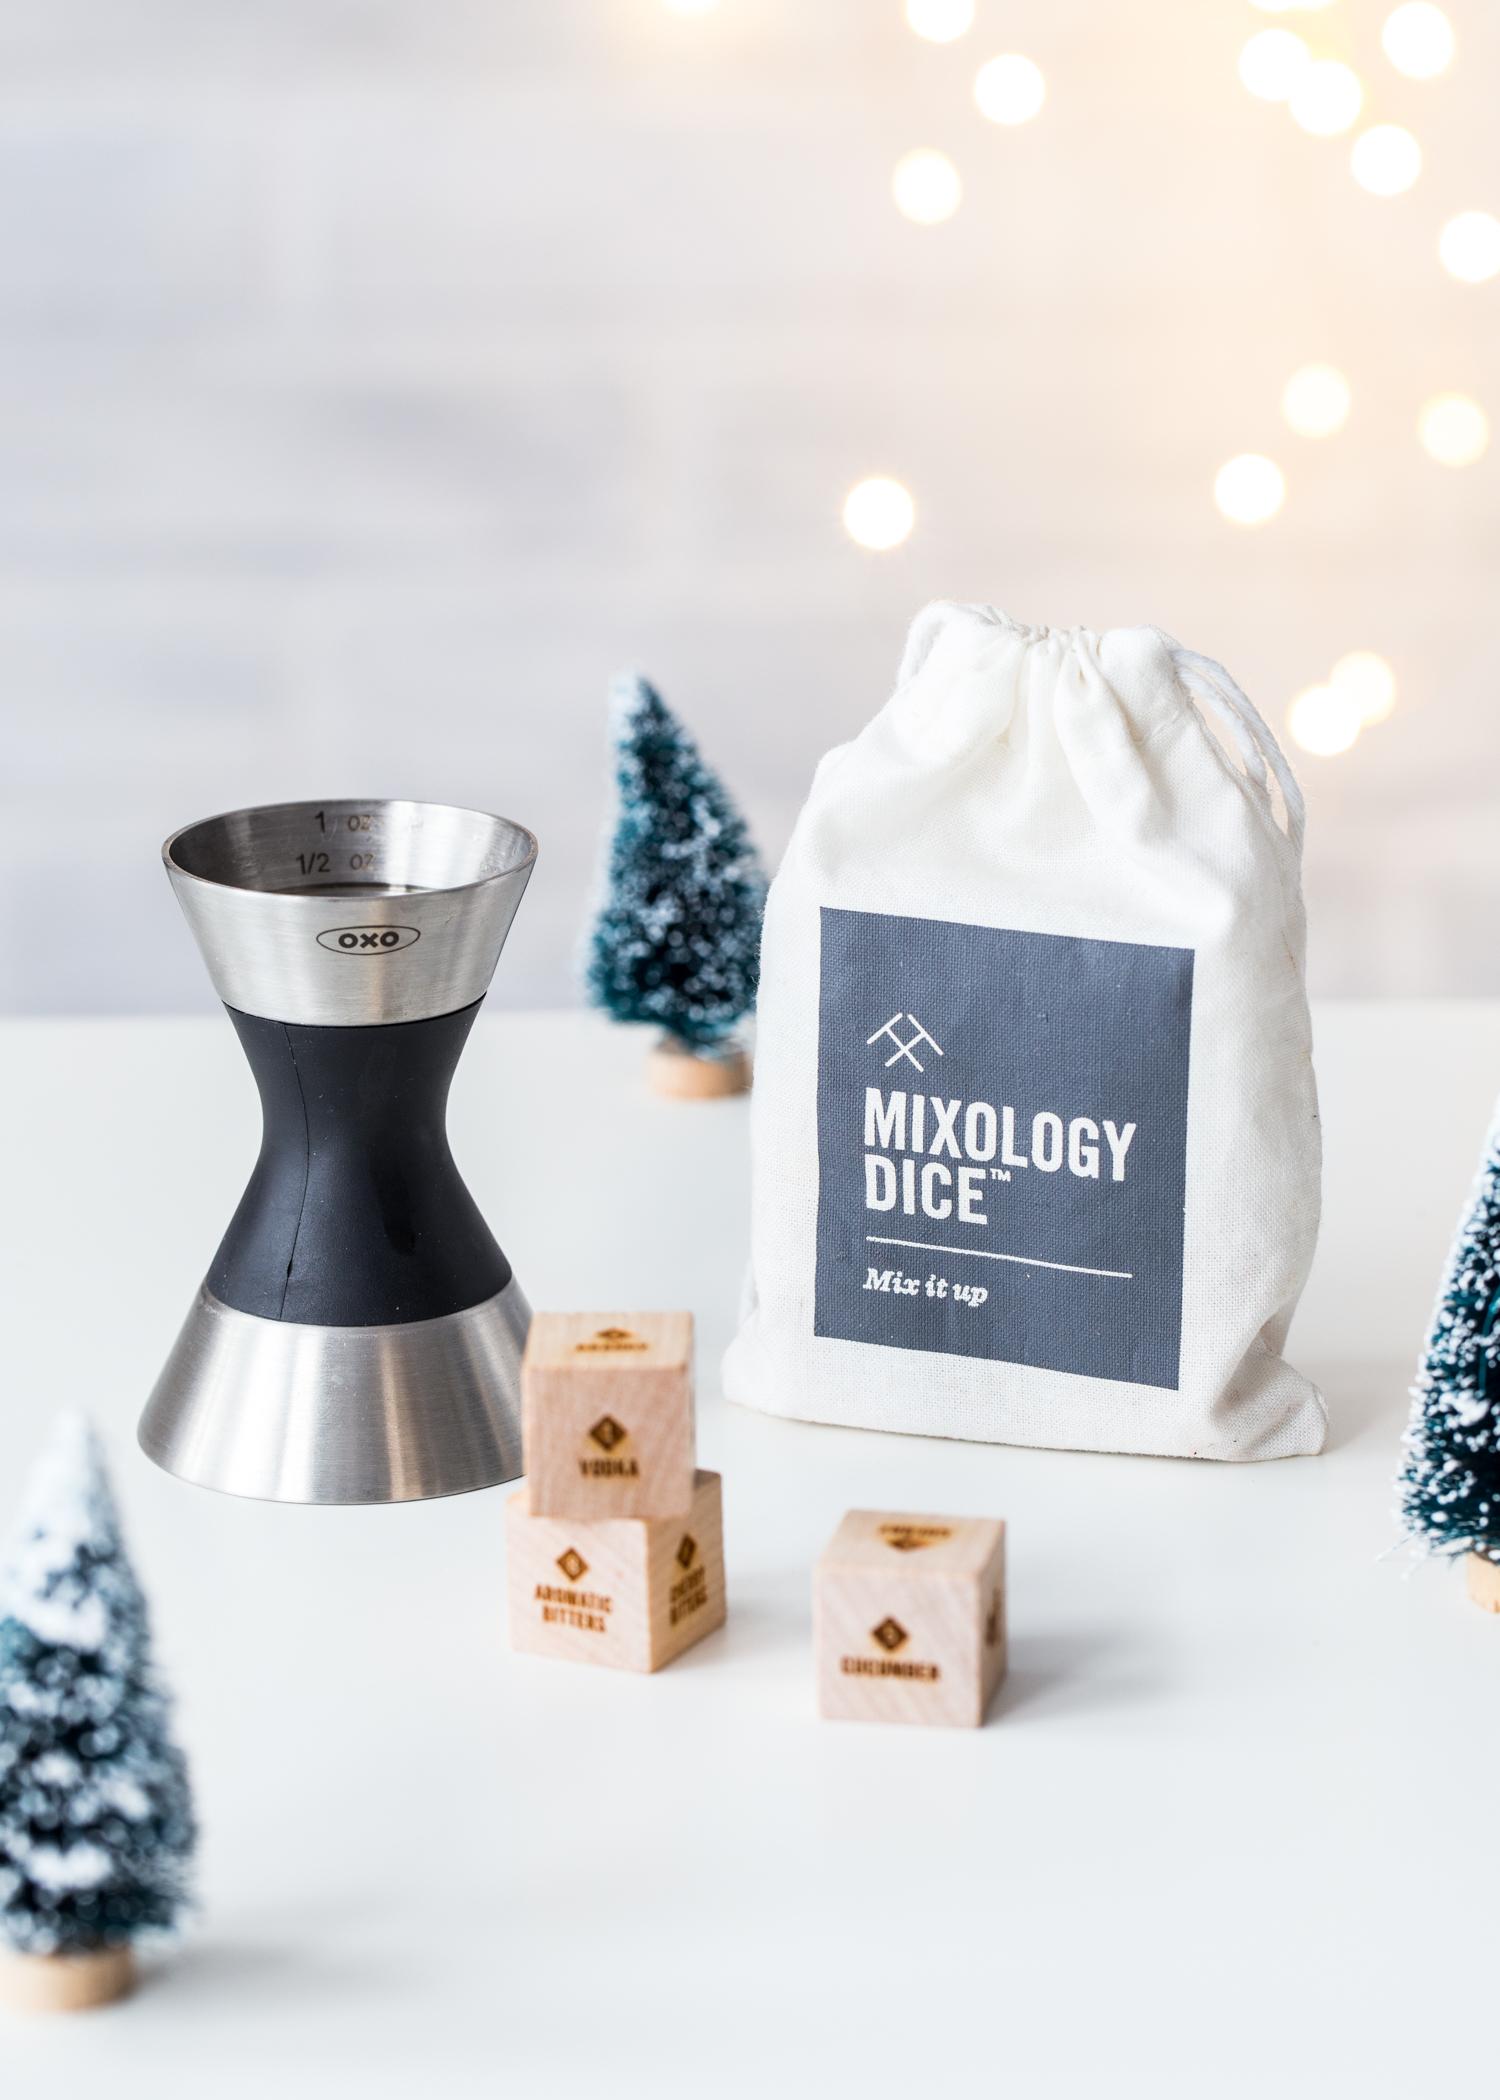 OXO cocktail jigger + Mixology Dice